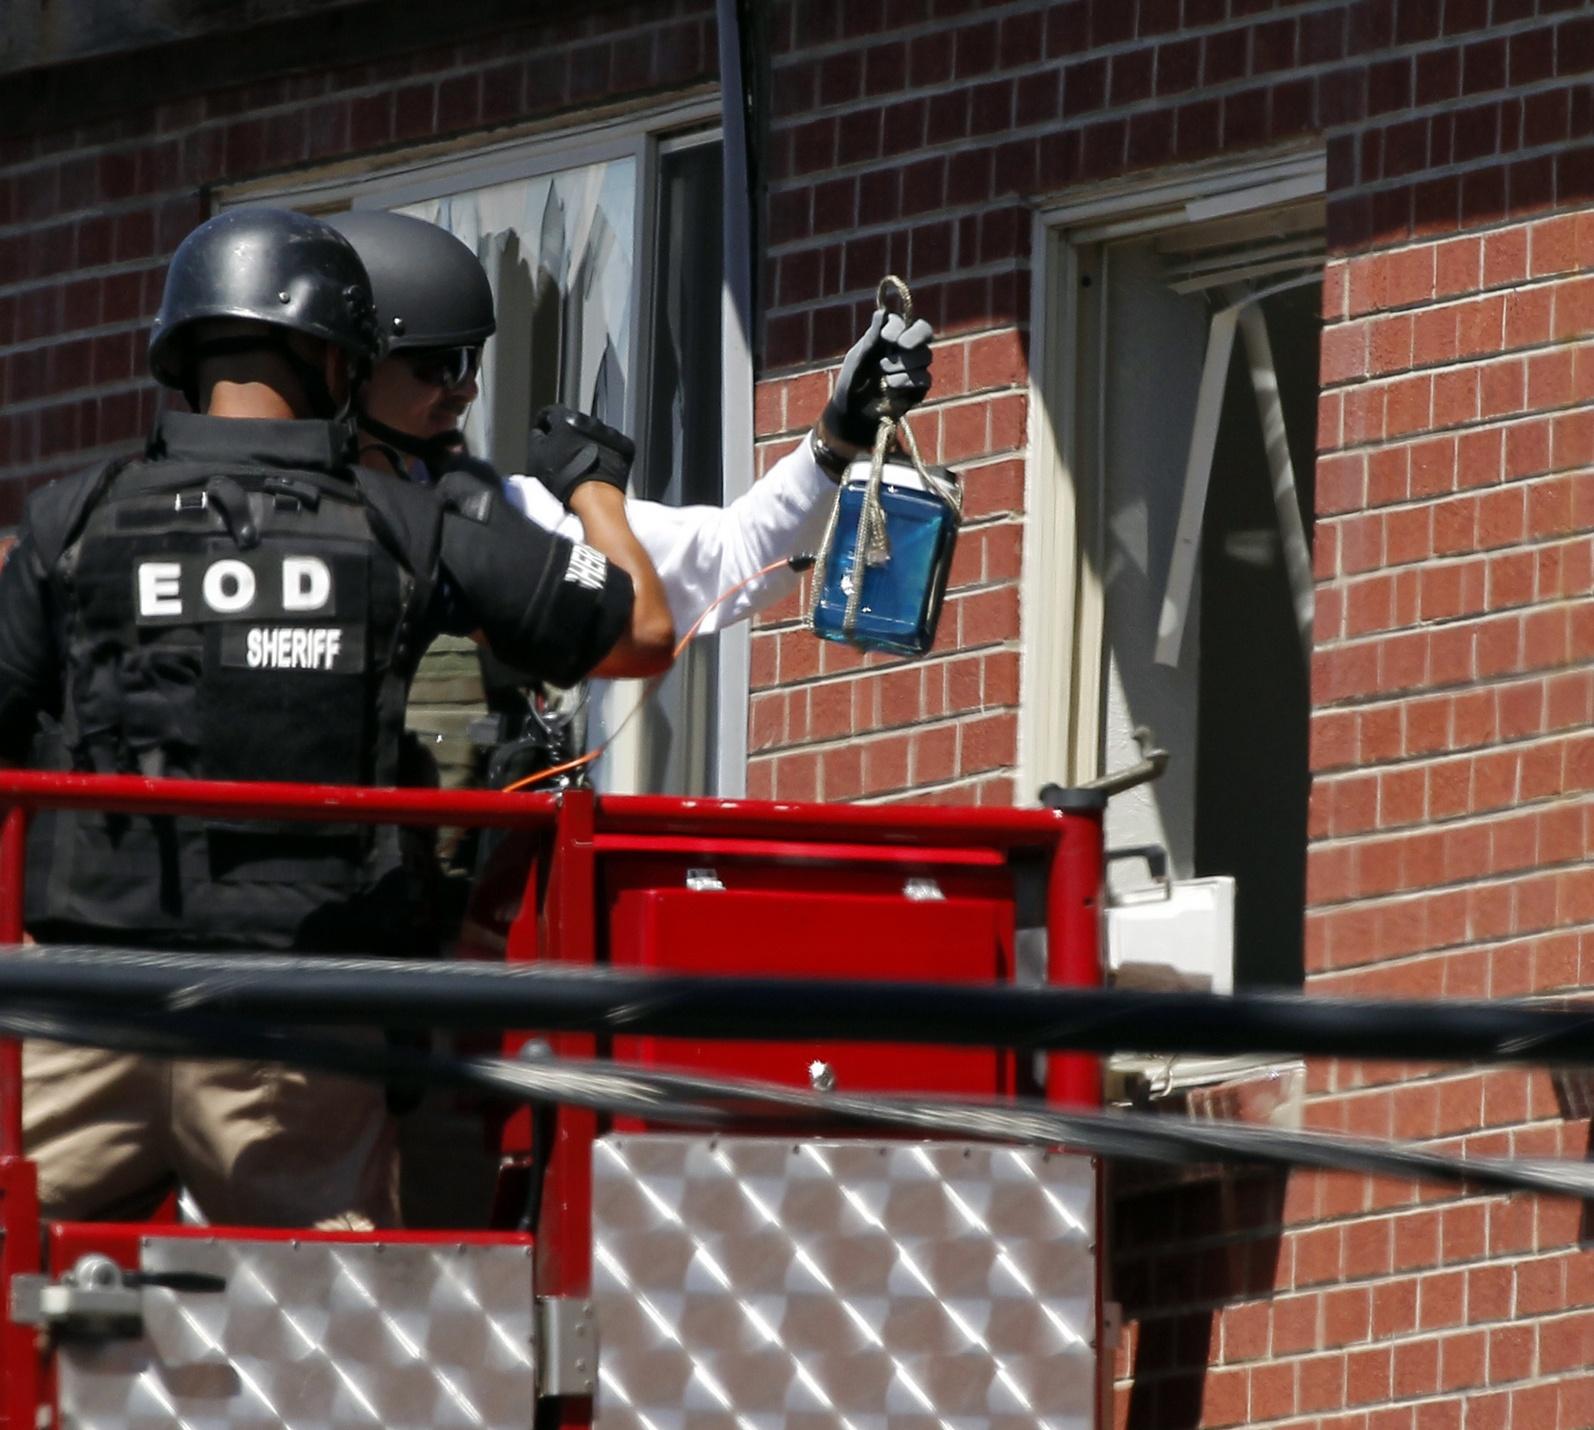 Batman Shooter James Holmes The Killer S Arsenal: News, Photos: Colorado Shooter James Holmes Pics, Batman